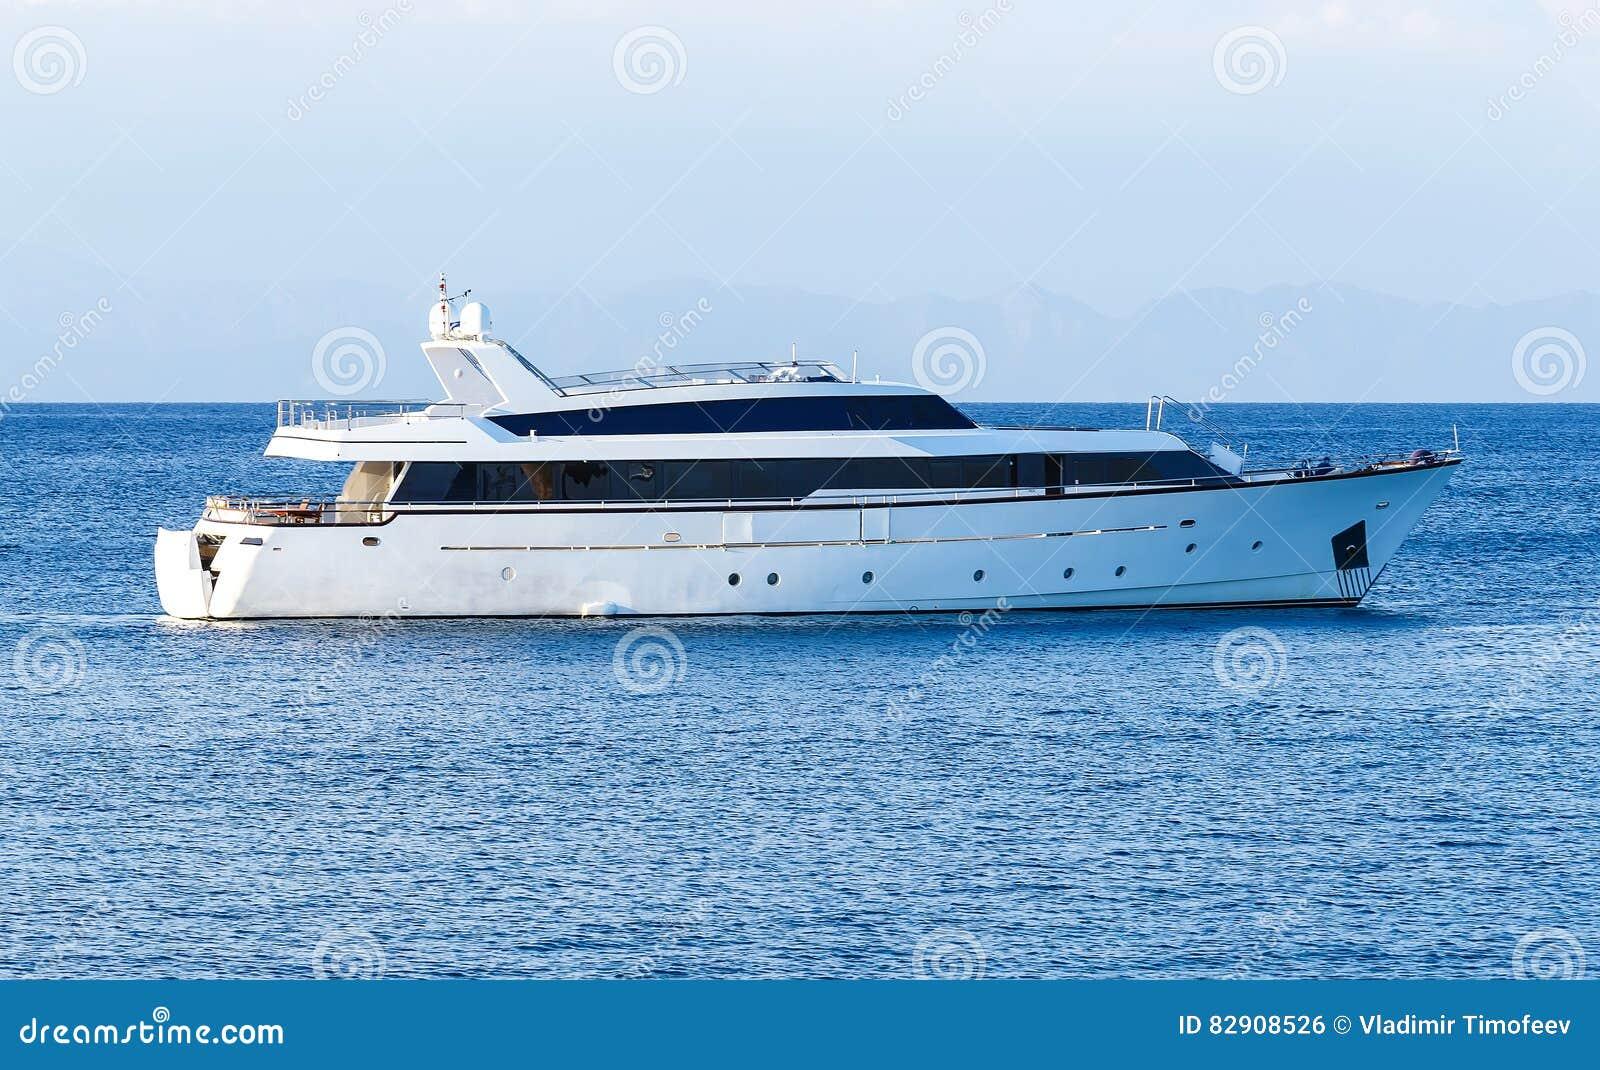 豪华私有马达游艇进行中在有冲击波的热带海